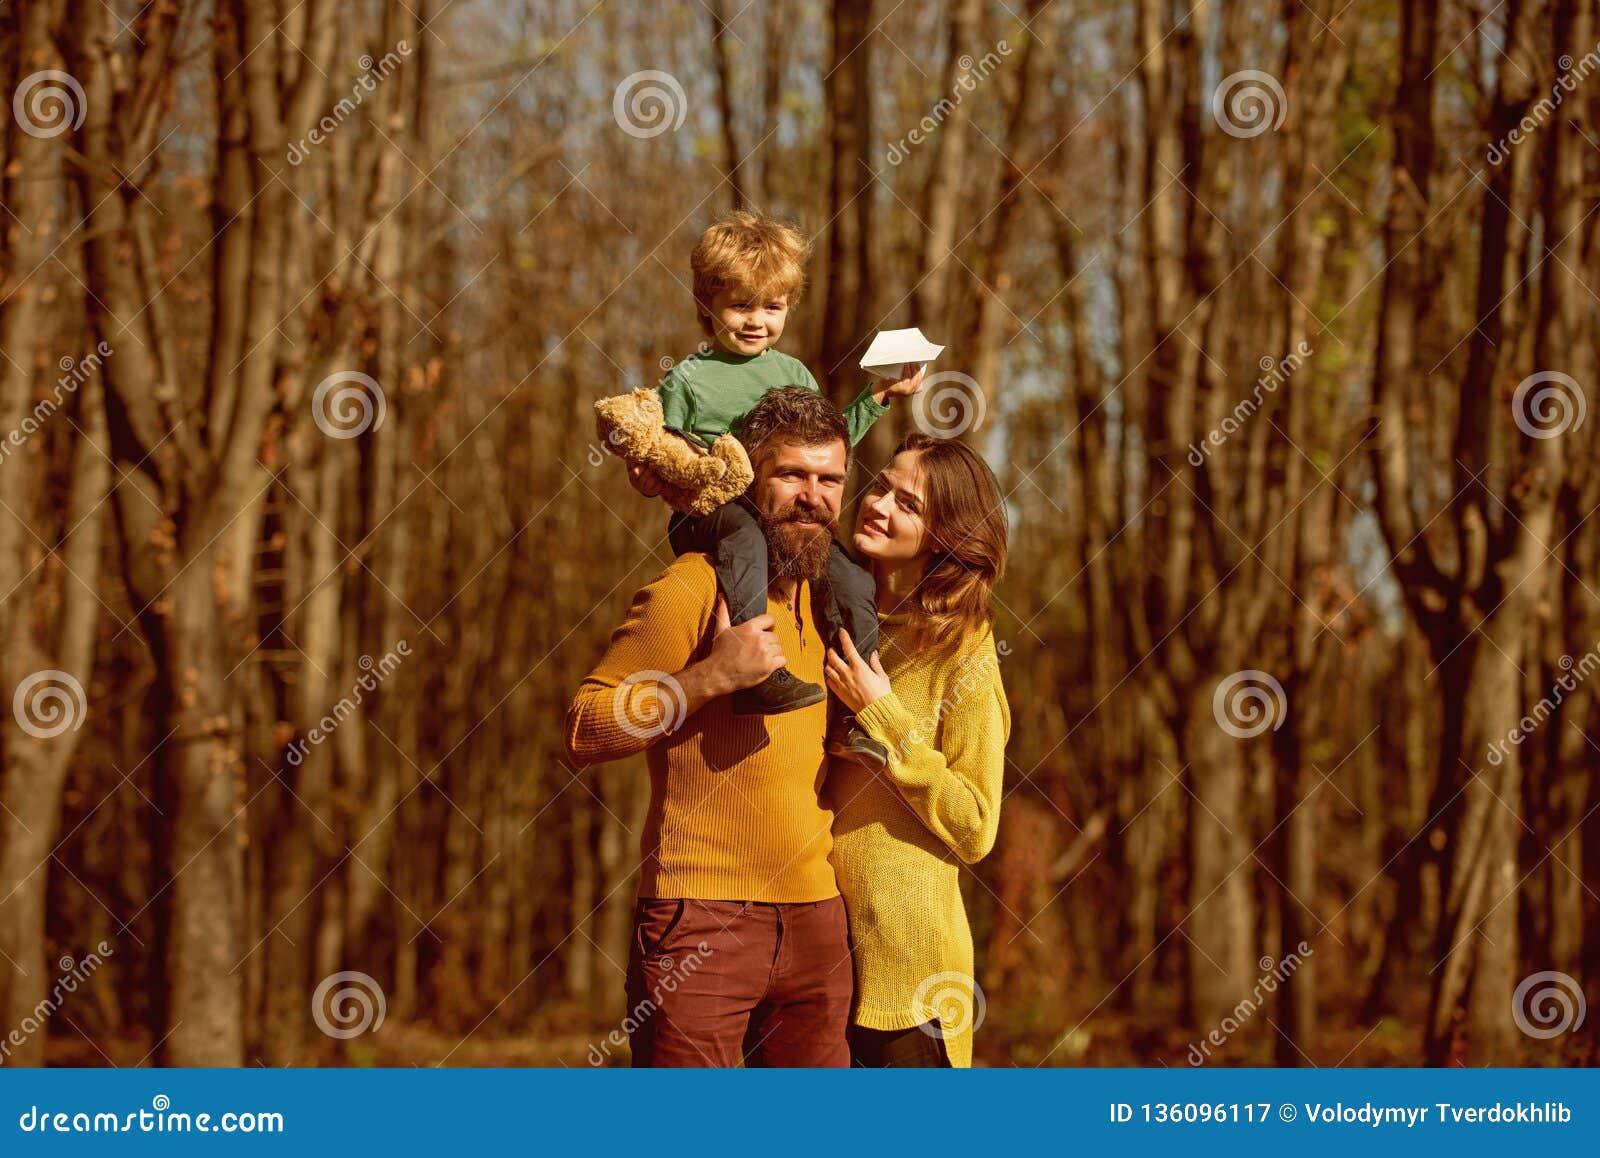 Familie, die im Holz, Entdeckungskonzept wandert Neue Entdeckung während der Herbstferien in das wilde zusammen machen discover